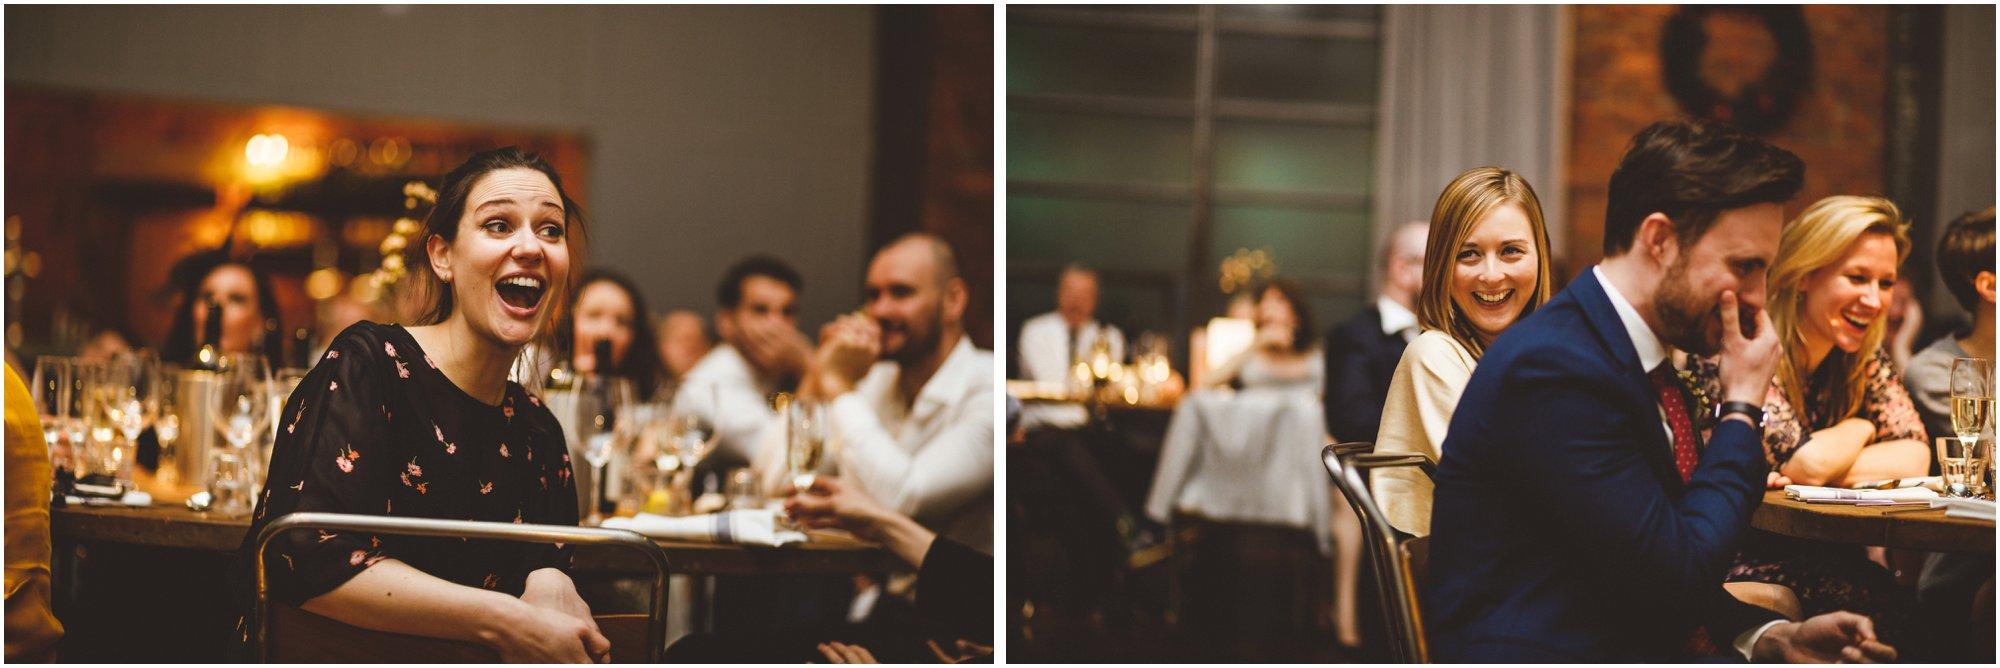 Wylam Brewery Wedding Newcastle_0125.jpg